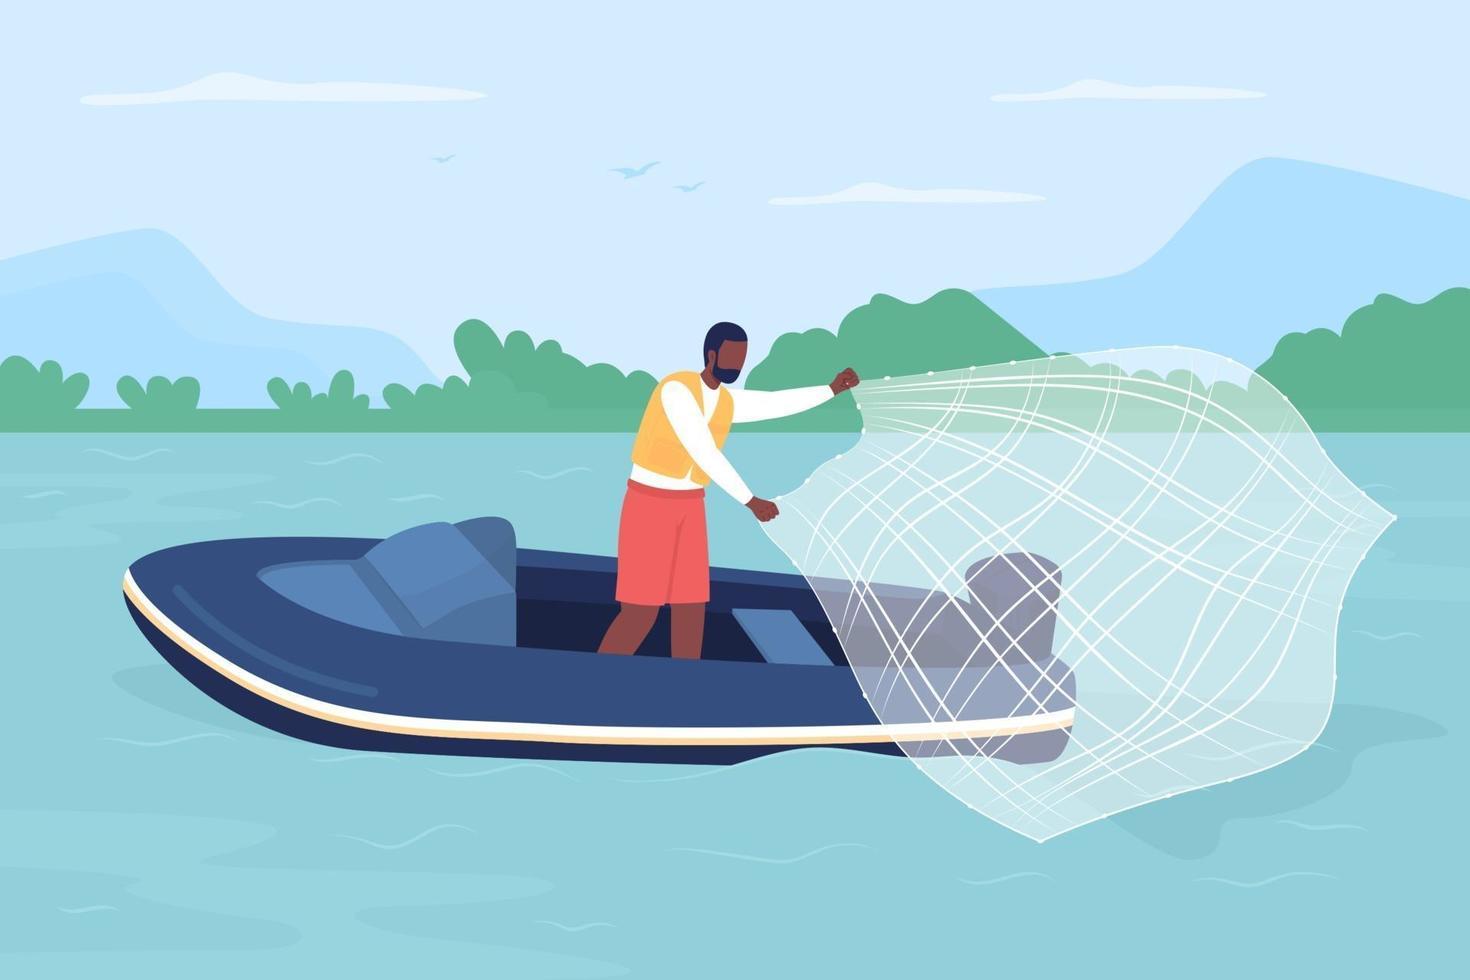 captura de peixes com lançamento de ilustração vetorial de cor lisa vetor